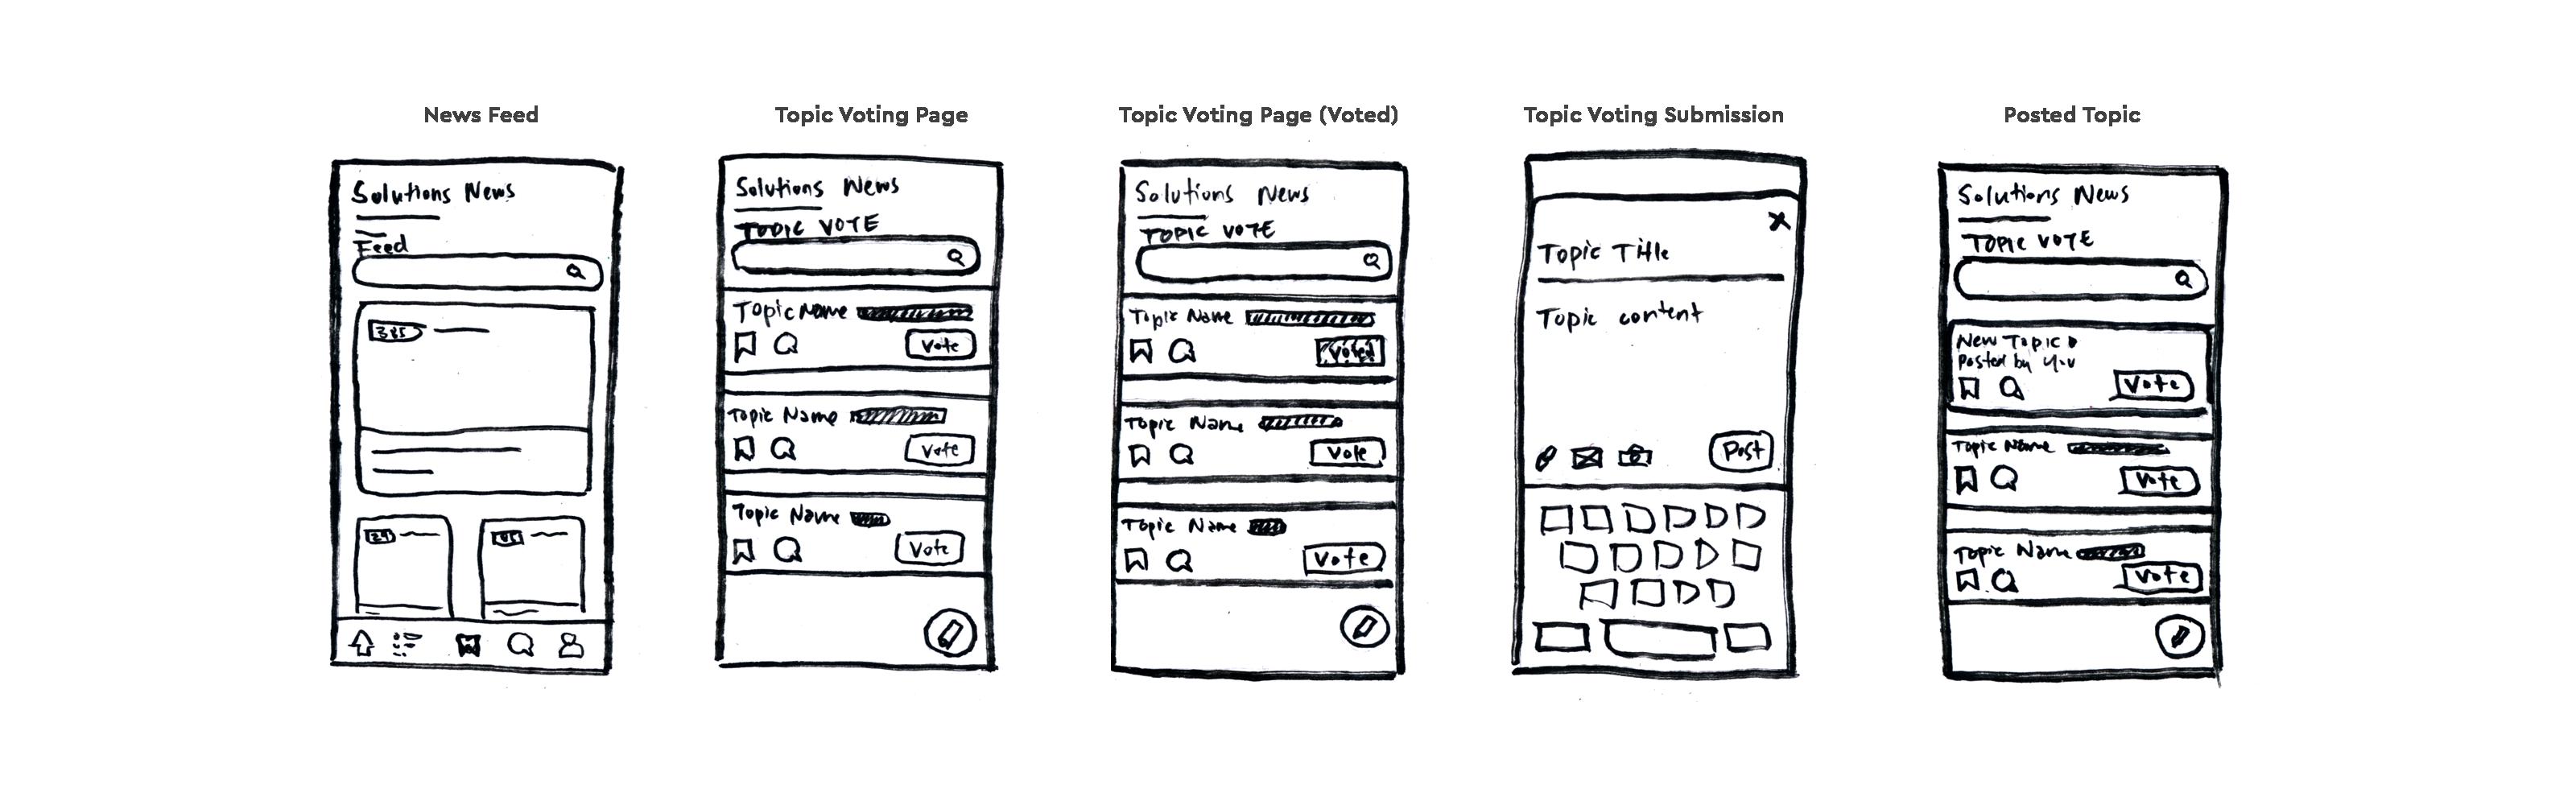 Capstone_TaskFlow_Version2_sketches2